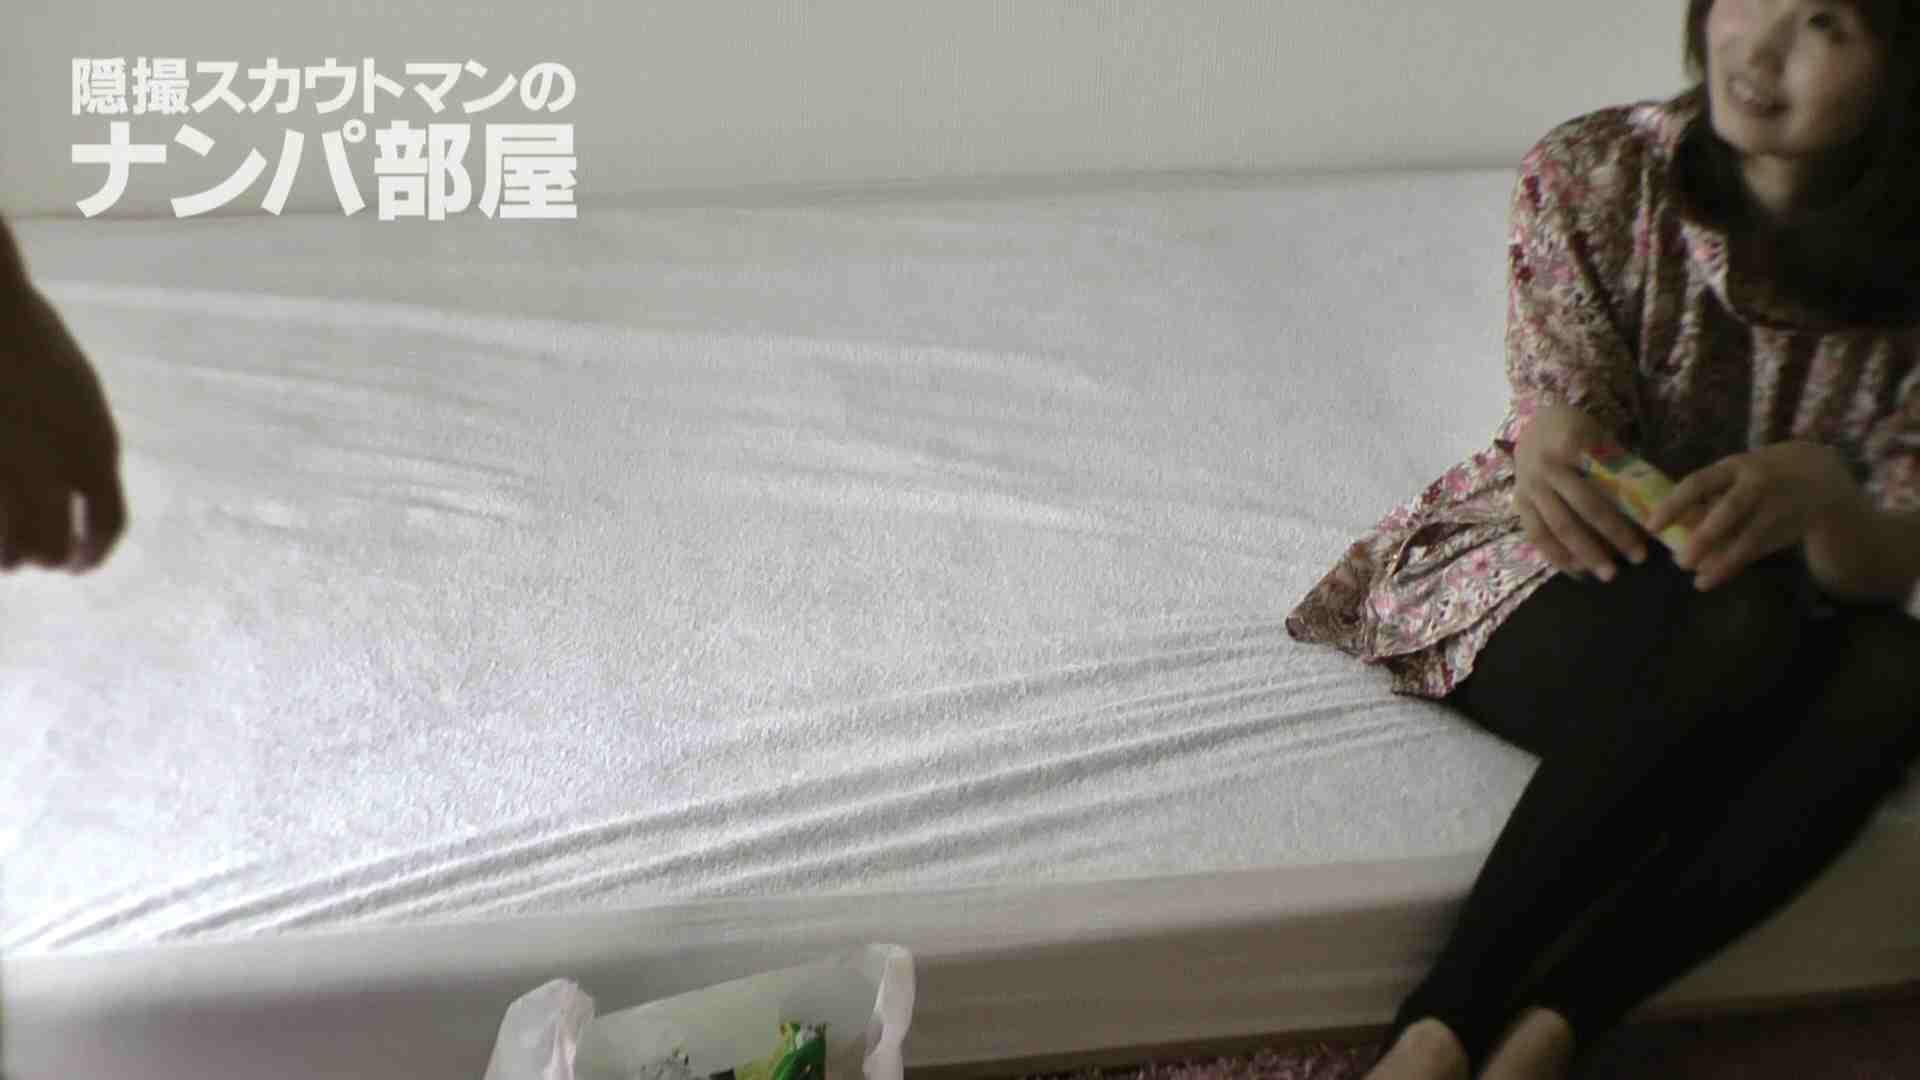 隠撮スカウトマンのナンパ部屋~風俗デビュー前のつまみ食い~ sii 脱衣所 | 隠撮  68画像 4